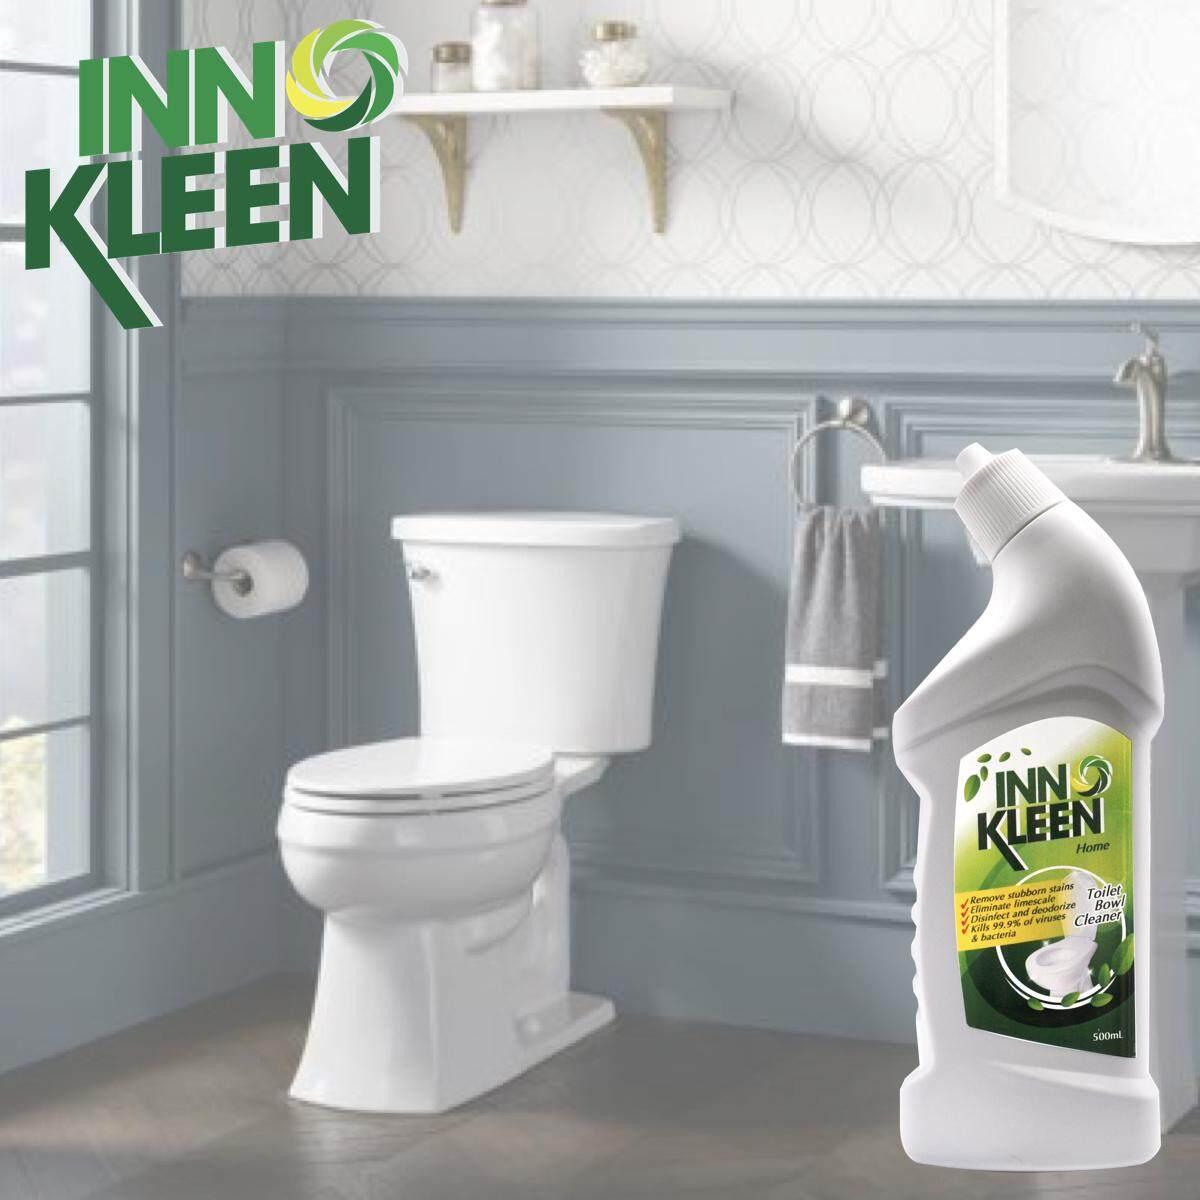 [VALUE PACK] Set of 2 INNOKLEEN HOME Toilet Bowl Cleaner Kills 99.9% of viruses & bacteria 500ml